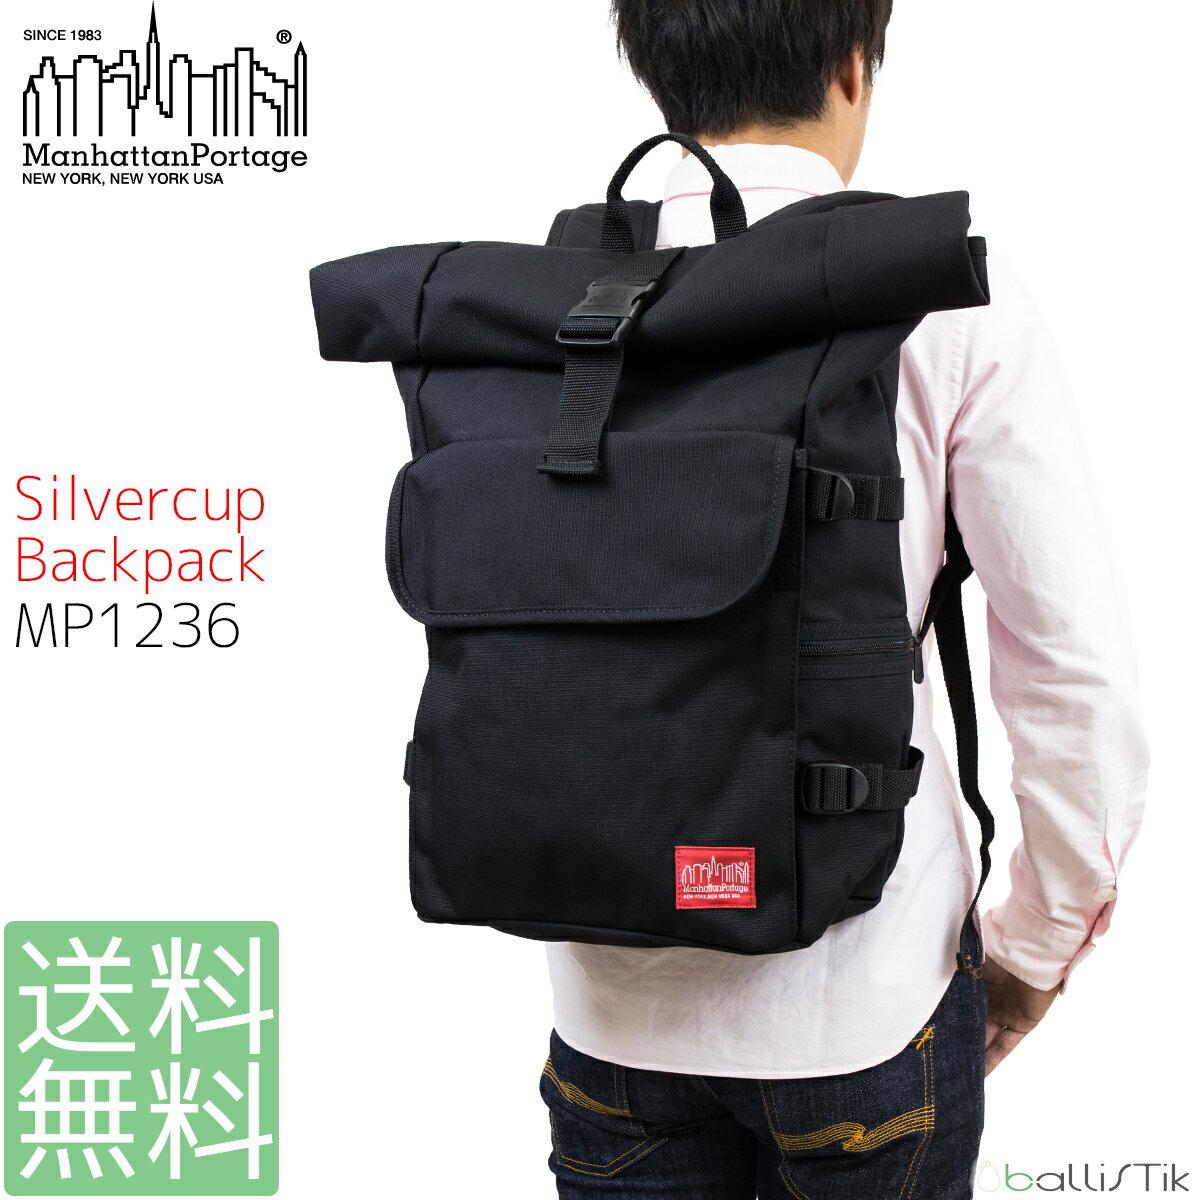 マンハッタンポーテージ リュック リュックサック バックパック Manhattan Portage Silvercup Backpack MP1236 メンズ レディース 通学 通勤 【 日本正規品 送料無料 あす楽 】【SPU】